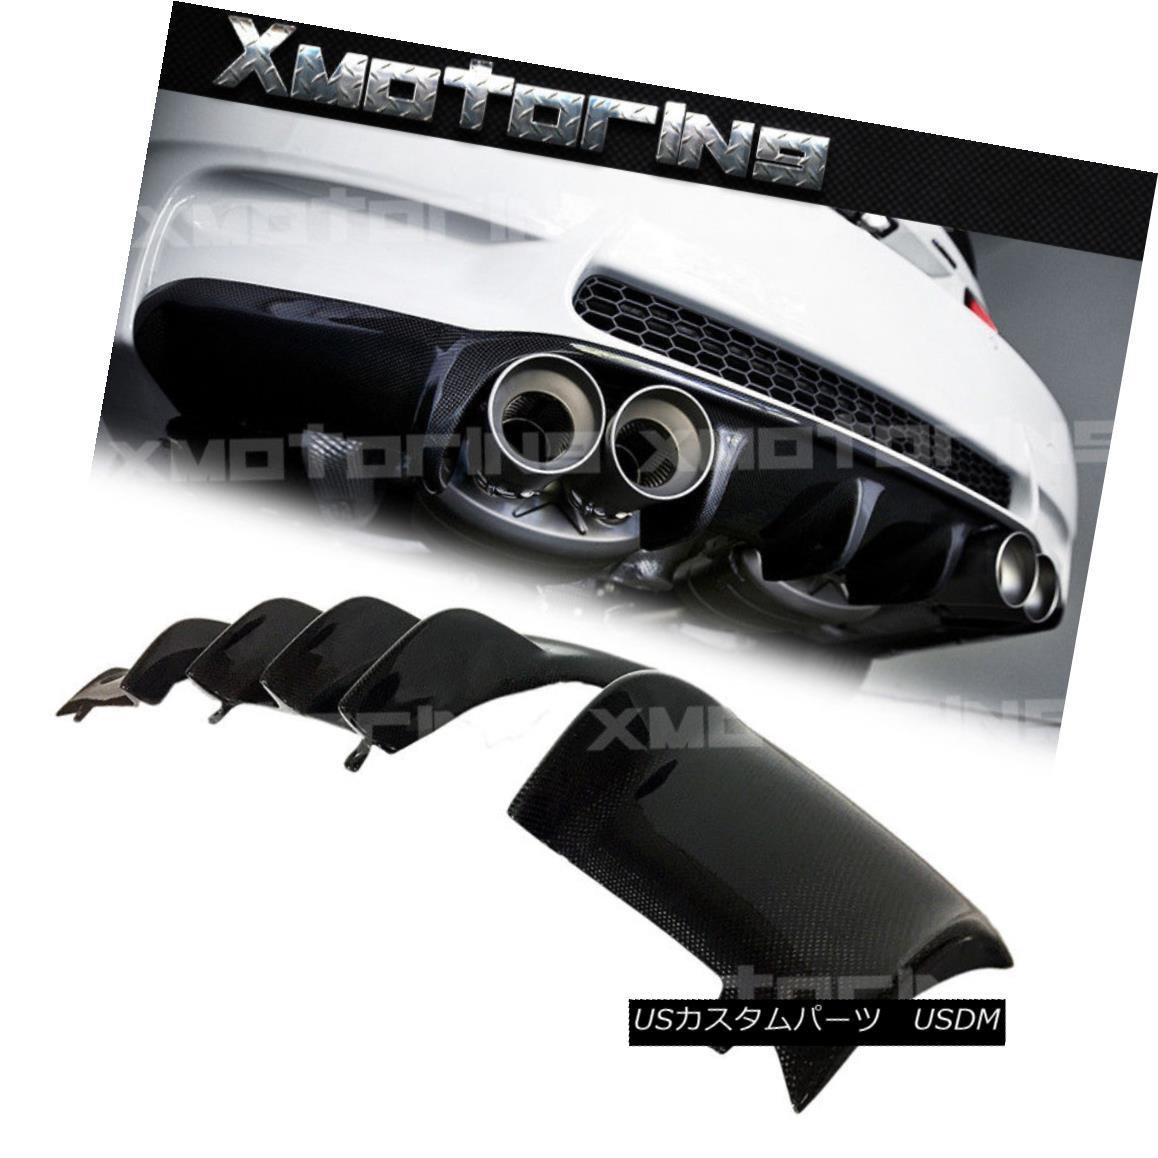 エアロパーツ AK Type Carbon Fiber Rear Bumper Diffuser For 2008-2013 BMW E93 E92 M3 Quad Tips 2008年から2013年までのAKタイプカーボンファイバーリアバンパーディフューザーBMW E93 E92 M3クワッドチップ